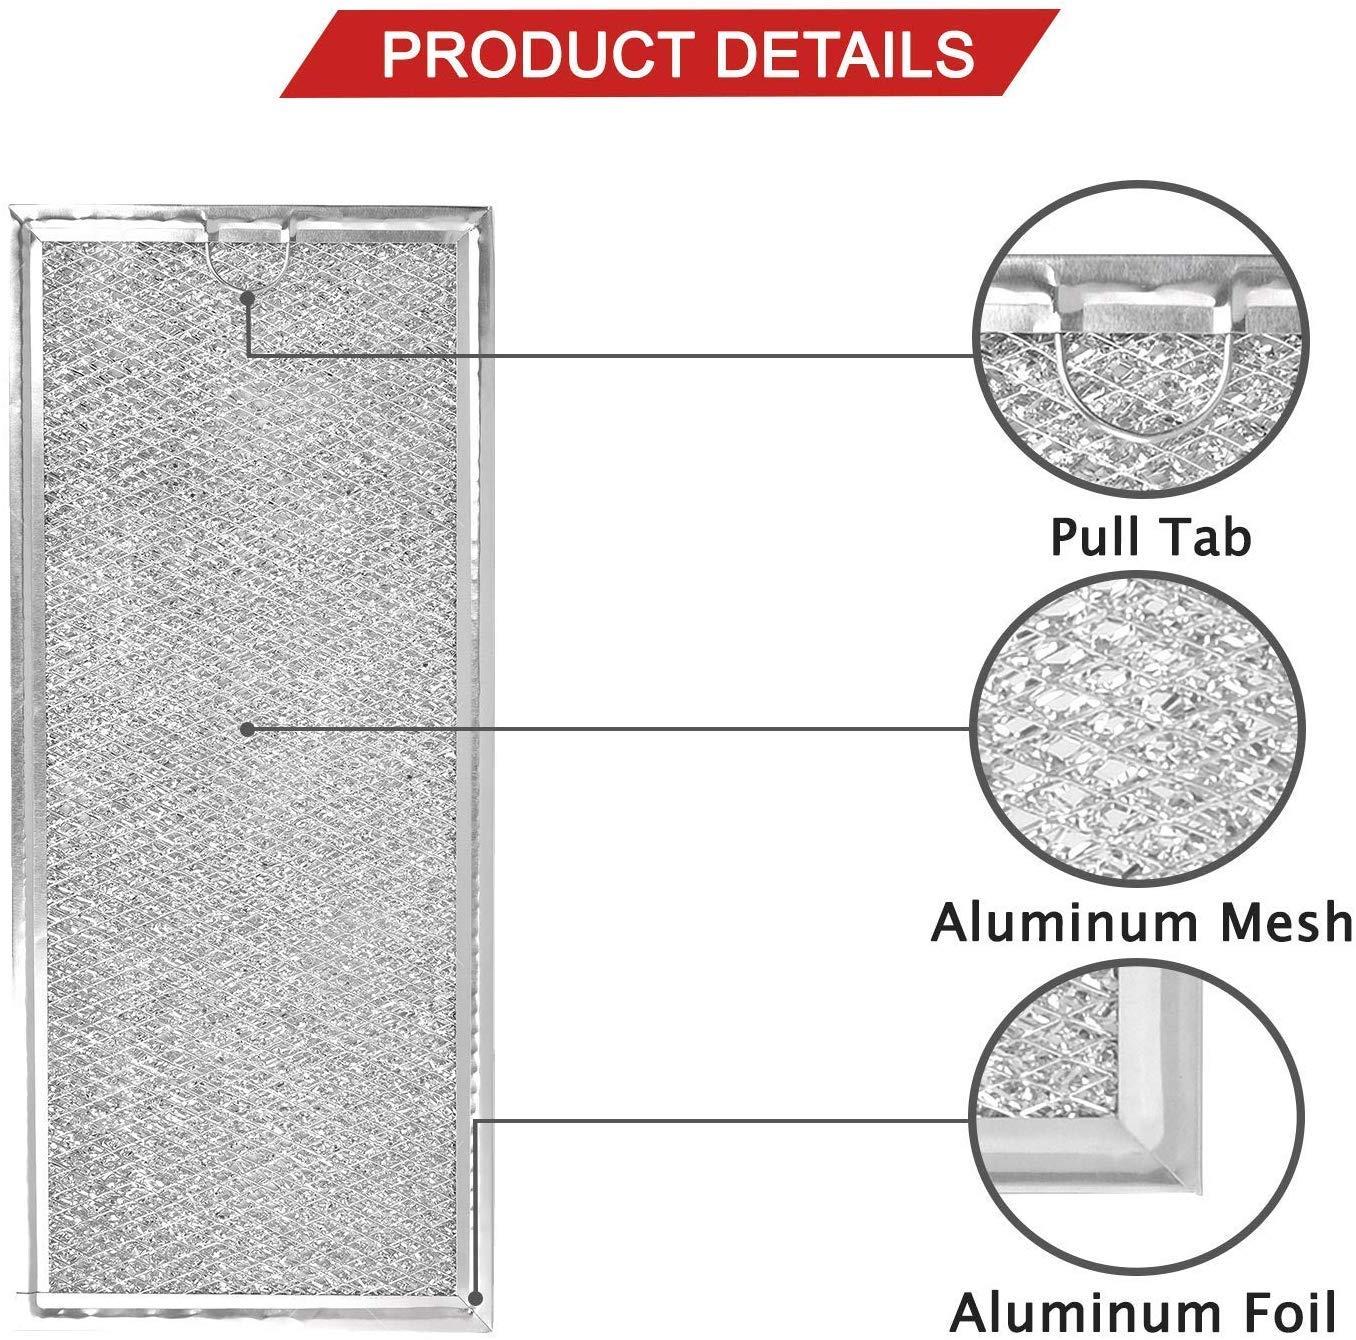 IRolen - Filtro de repuesto de malla de aluminio para horno microondas Whirlpool W10208631A AP5617368 WB06X10596 compatible con capó GE Microwaves, 2 filtros (empaquetado en caja): Amazon.es: Bricolaje y herramientas